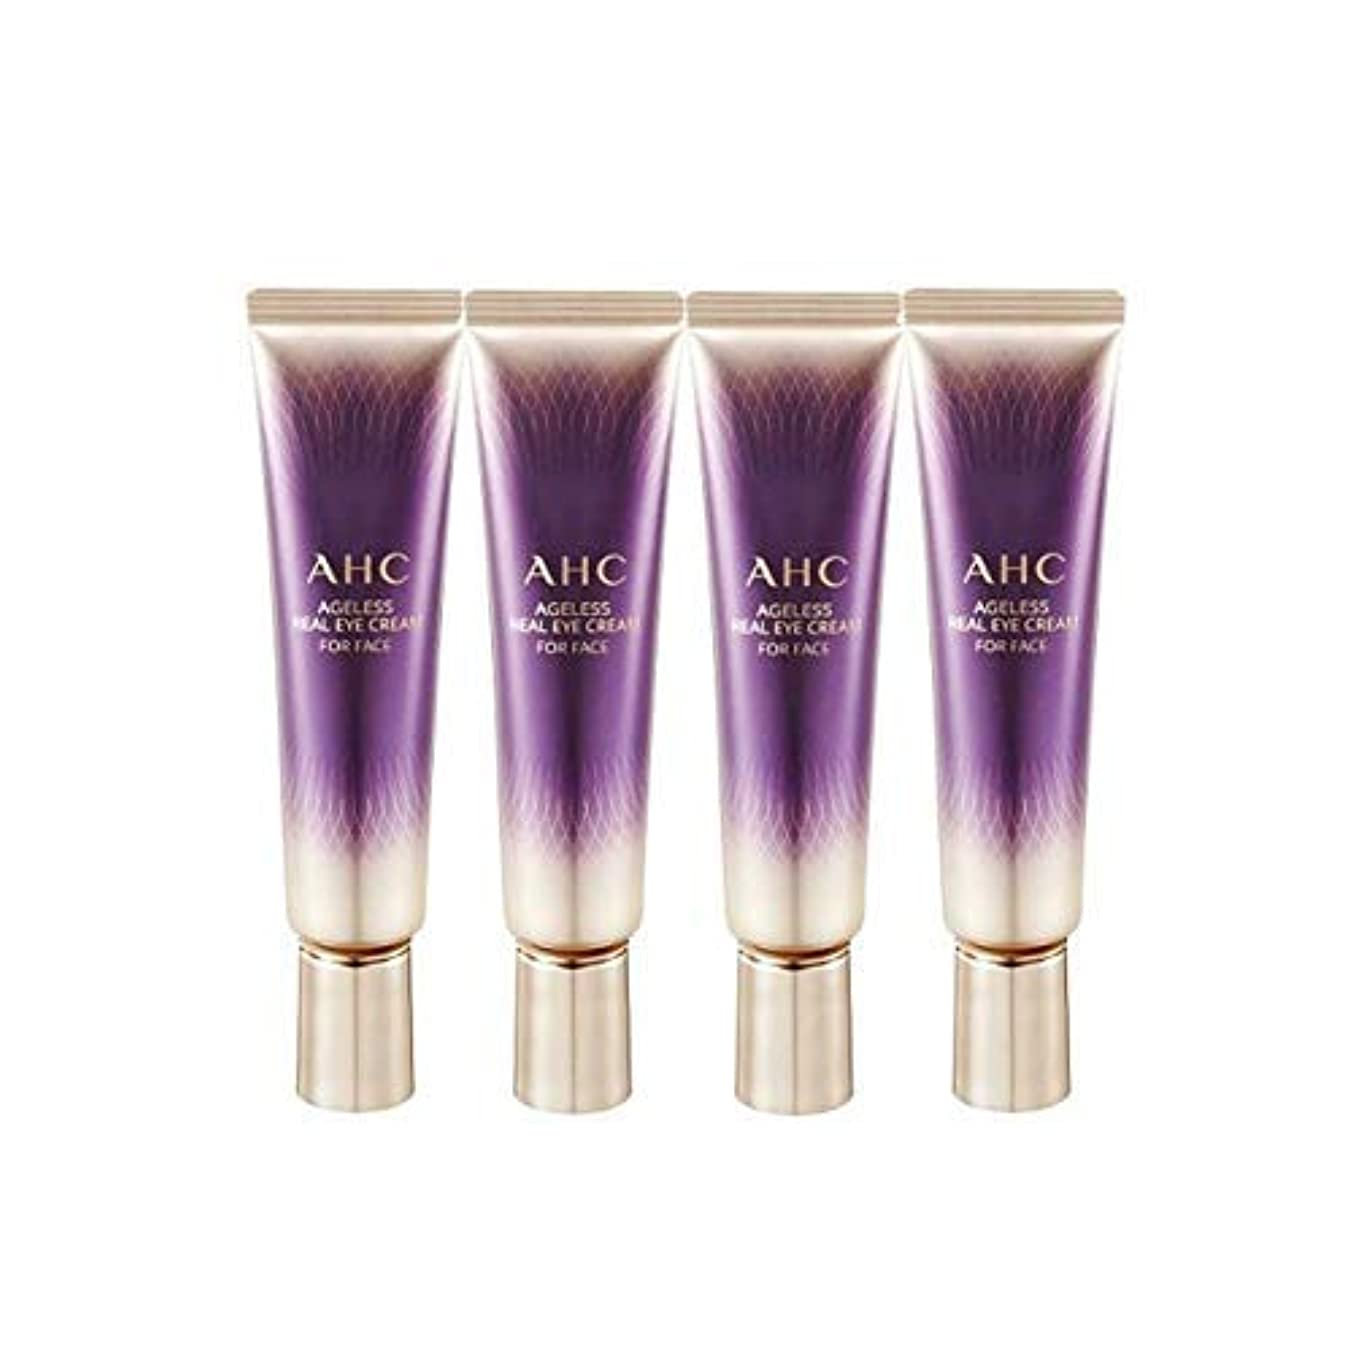 明らか非難する価格AHC 2019 New Season 7 Ageless Real Eye Cream for Face 1 Fl Oz 30ml x 4 Anti-Wrinkle Brightness Contains Collagen